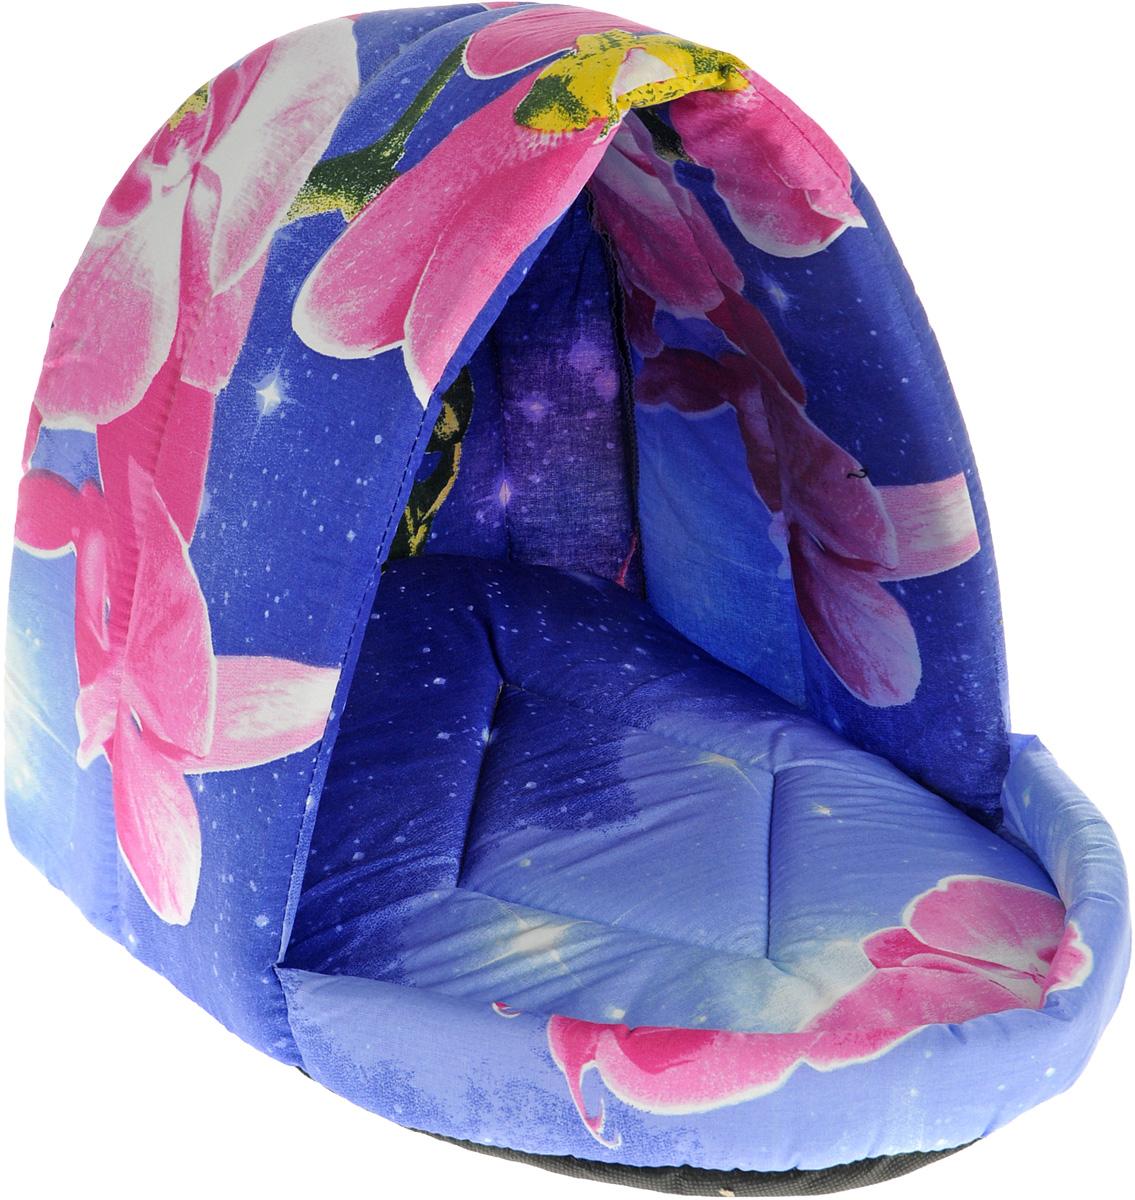 Лежак для животных Elite Valley Люлька, цвет: синий, розовый, 44 х 35 х 35 см. Л-11/3 лежак для животных elite valley пуфик цвет синий розовый зеленый 90 х 70 х 18 см л 4 5